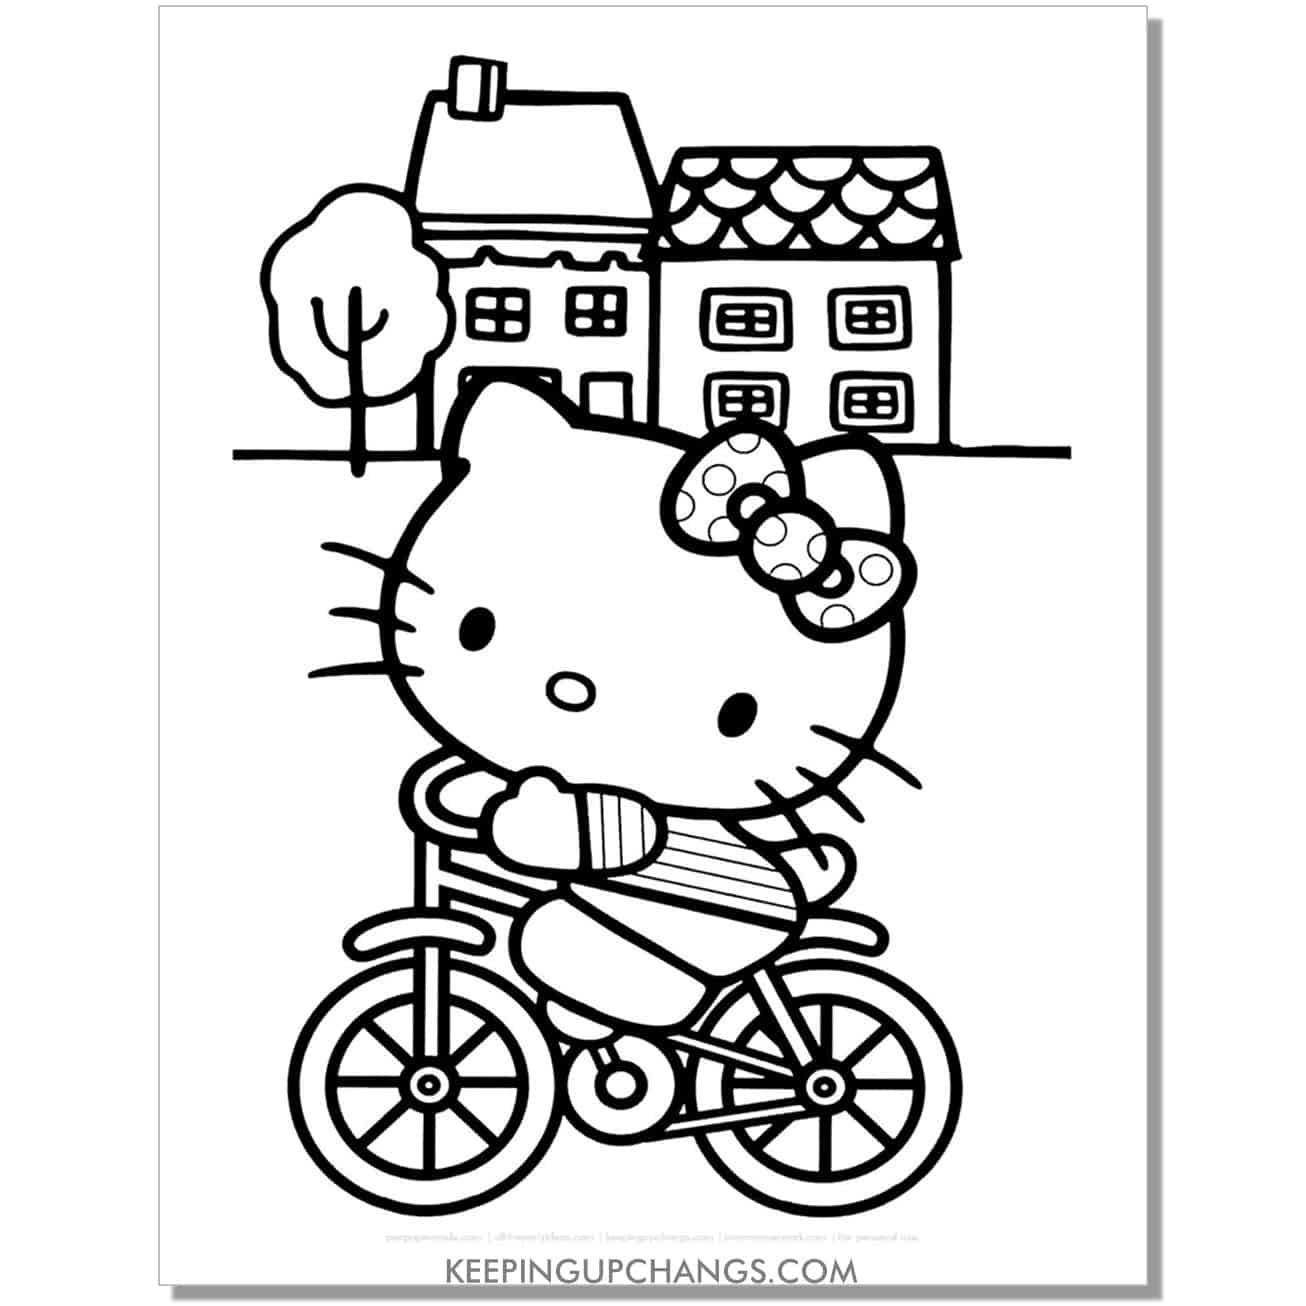 hello kitty on bike in neighborhood coloring page.